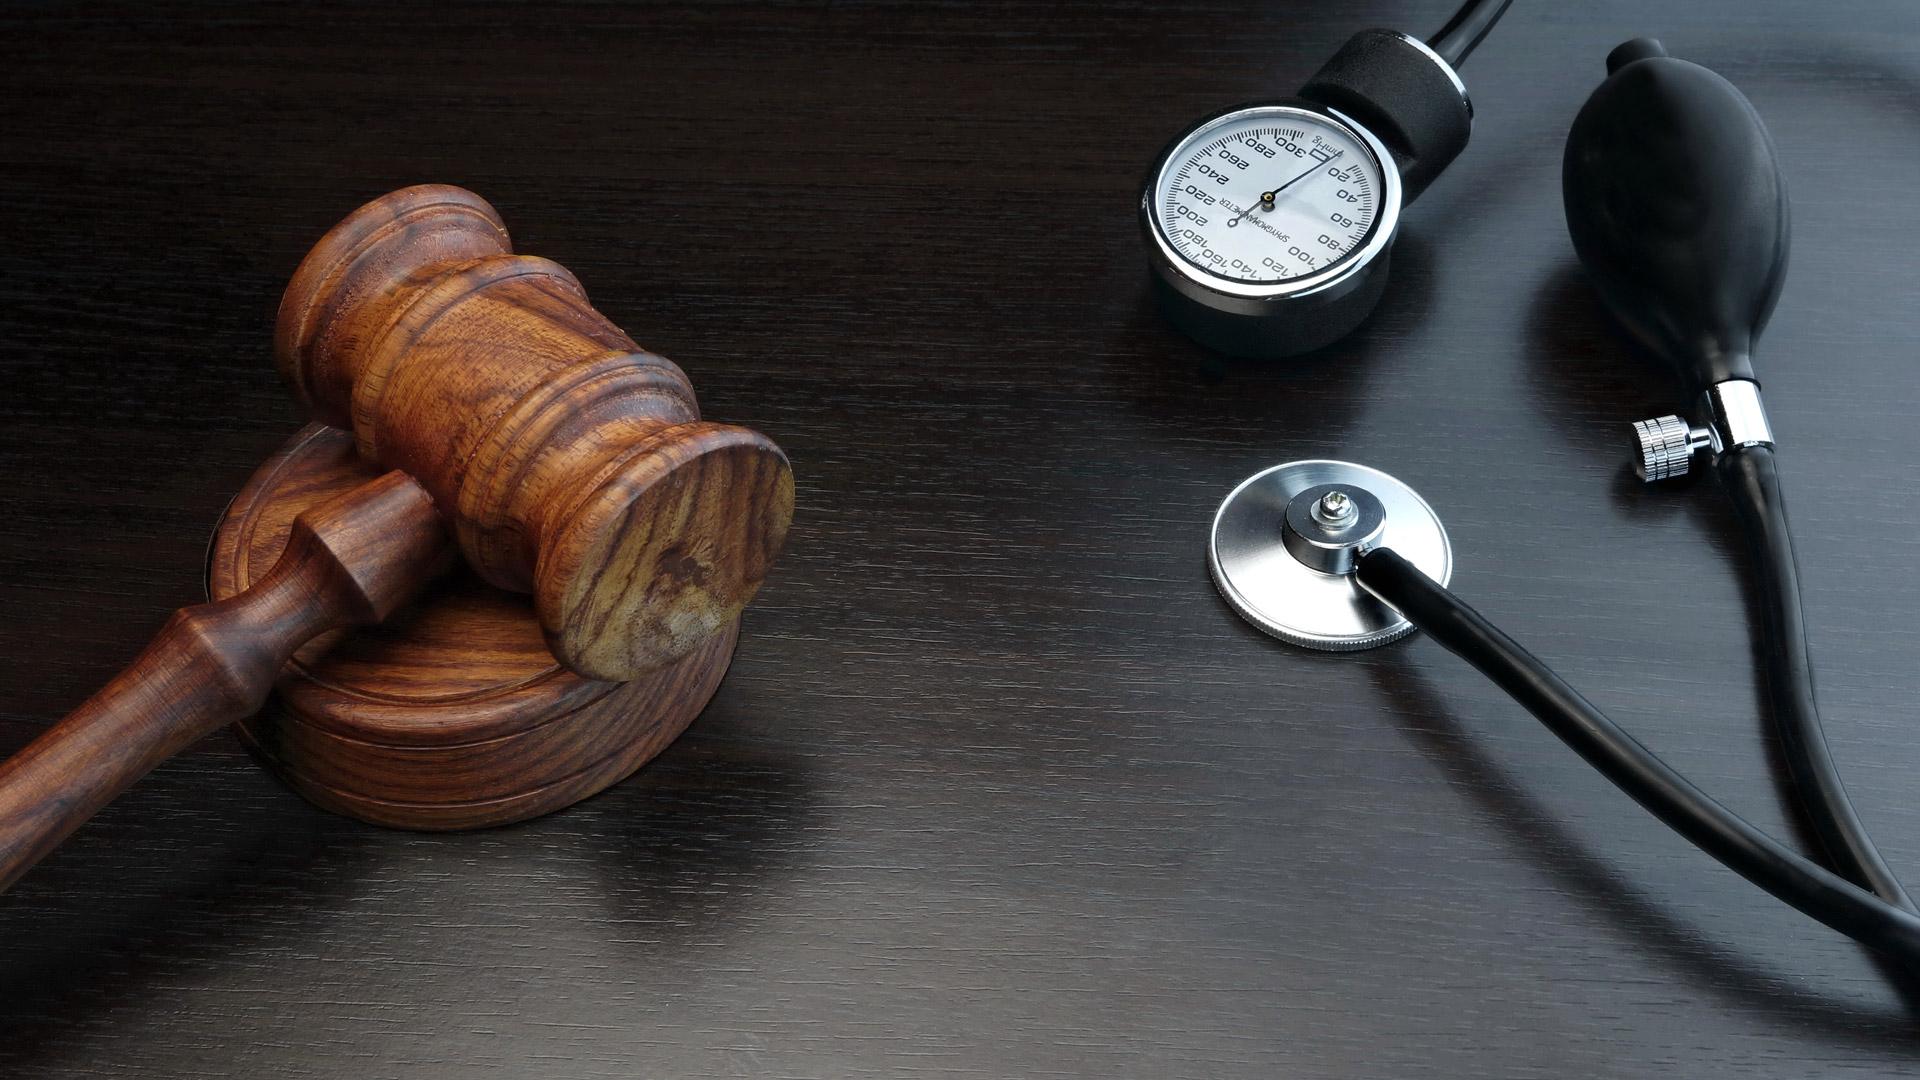 Pivate Krankenversicherung - MB/KK